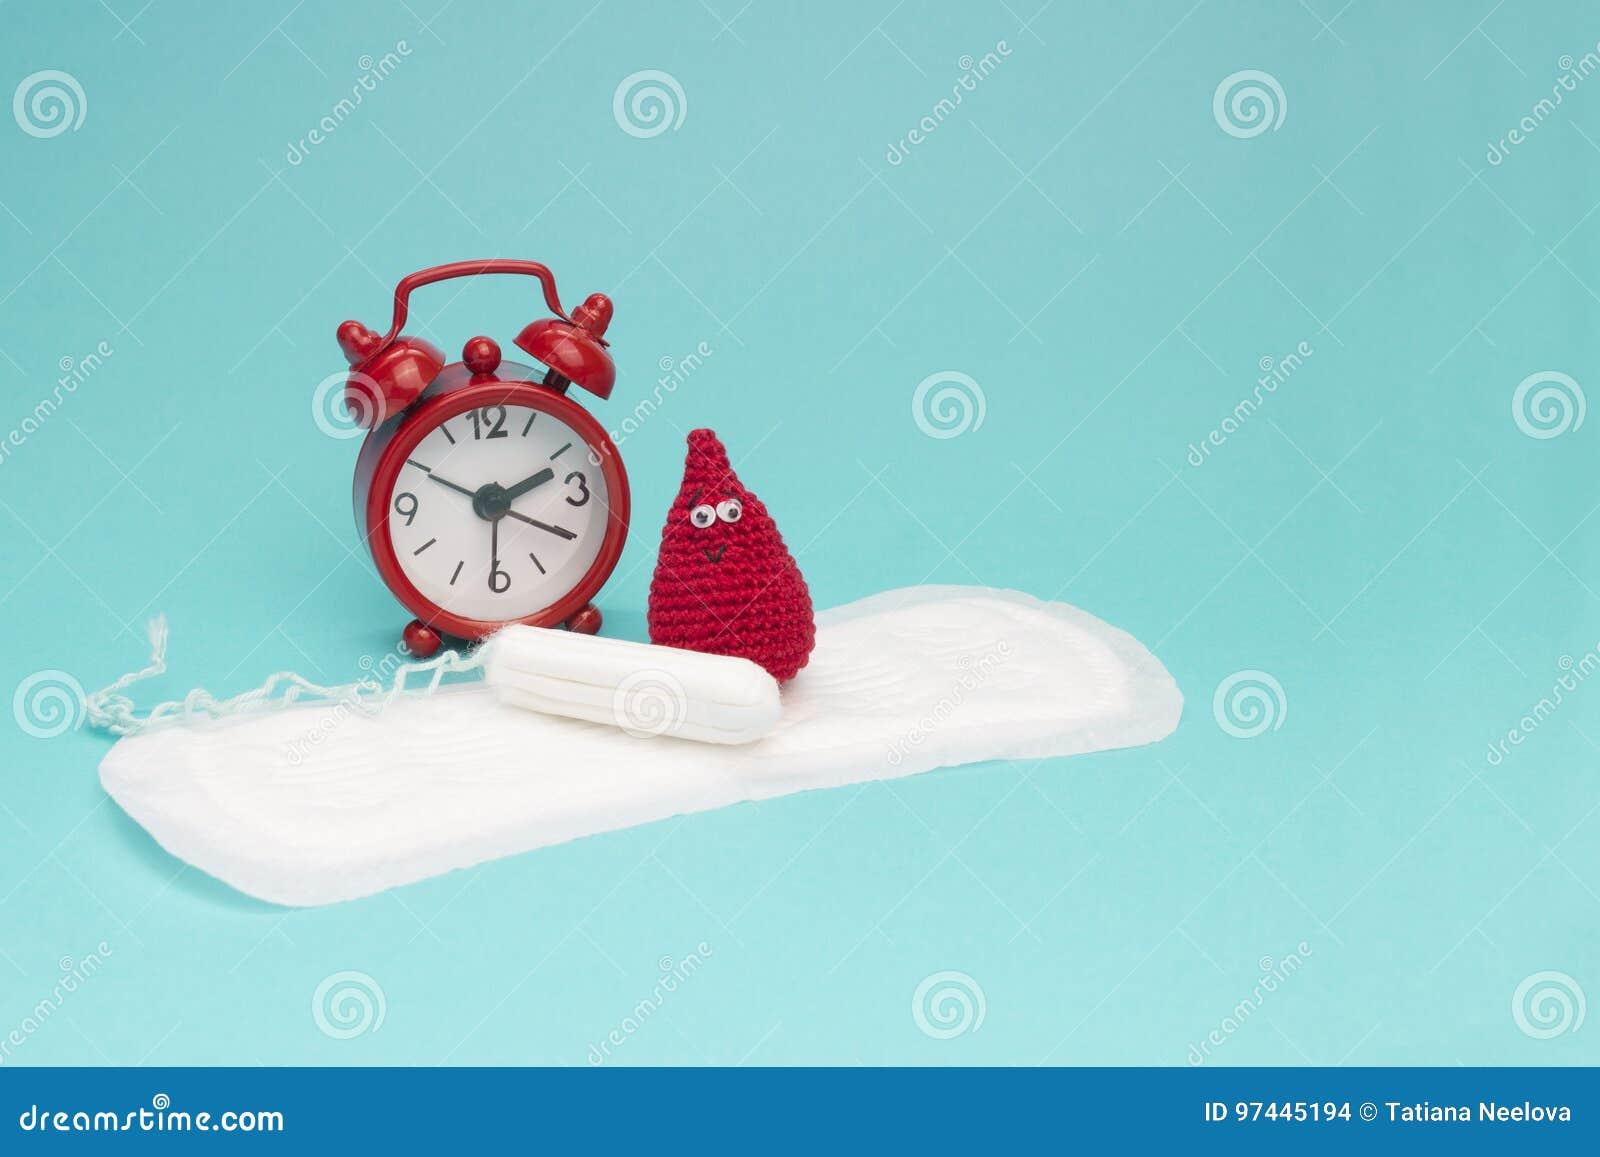 De rode wekker, dromerige glimlach haakt bloeddaling, dagelijkse menstruele stootkussen en tampon Hygiëne van de menstruatie de s